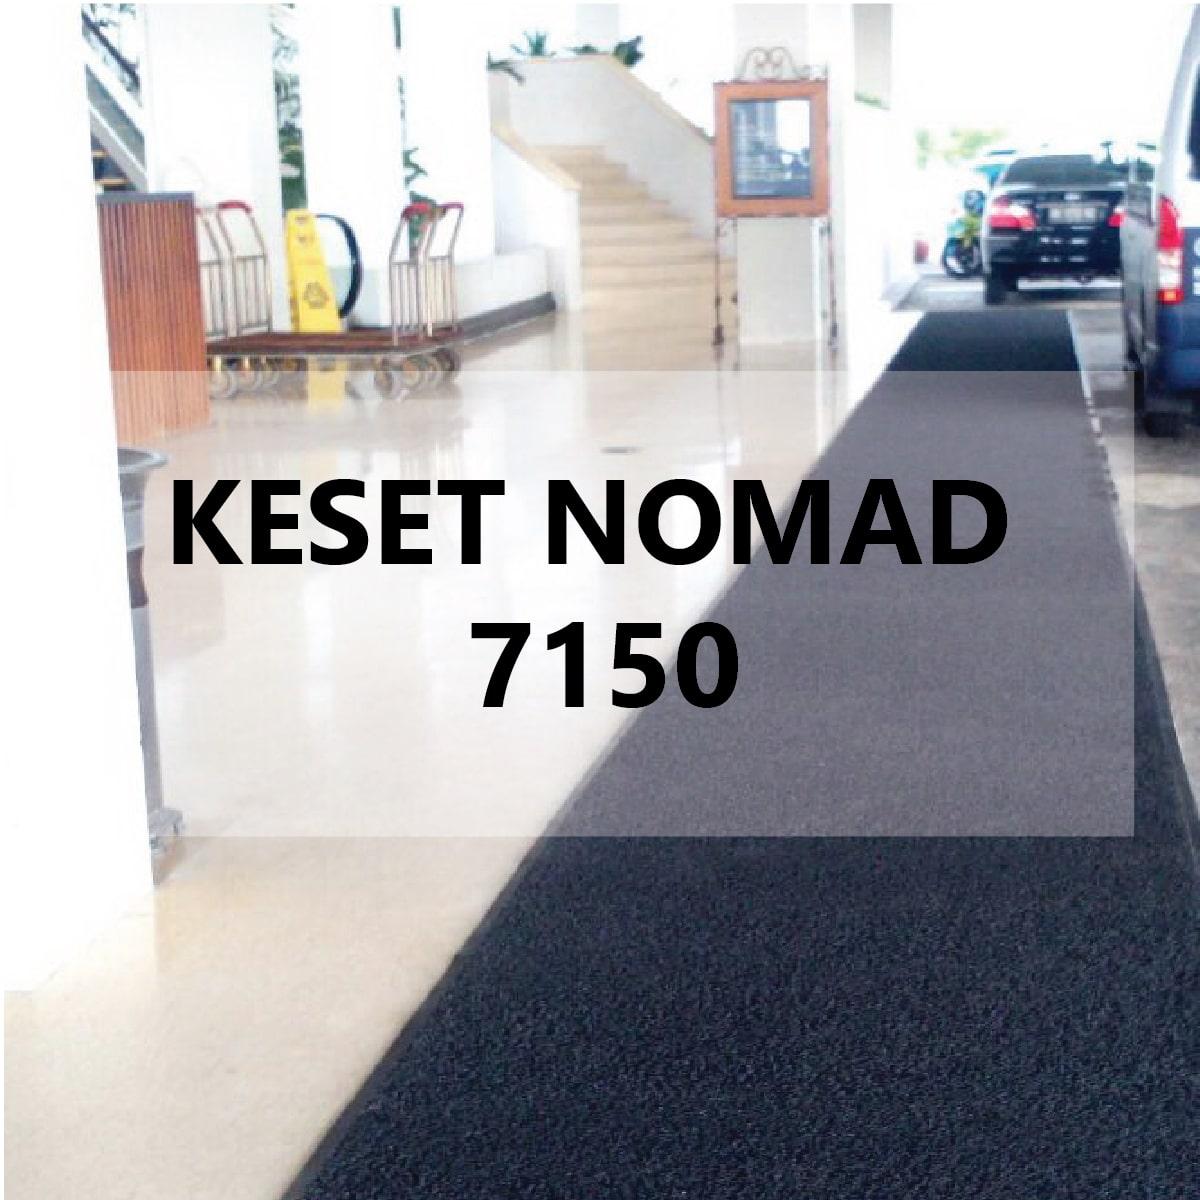 KESET-04-min